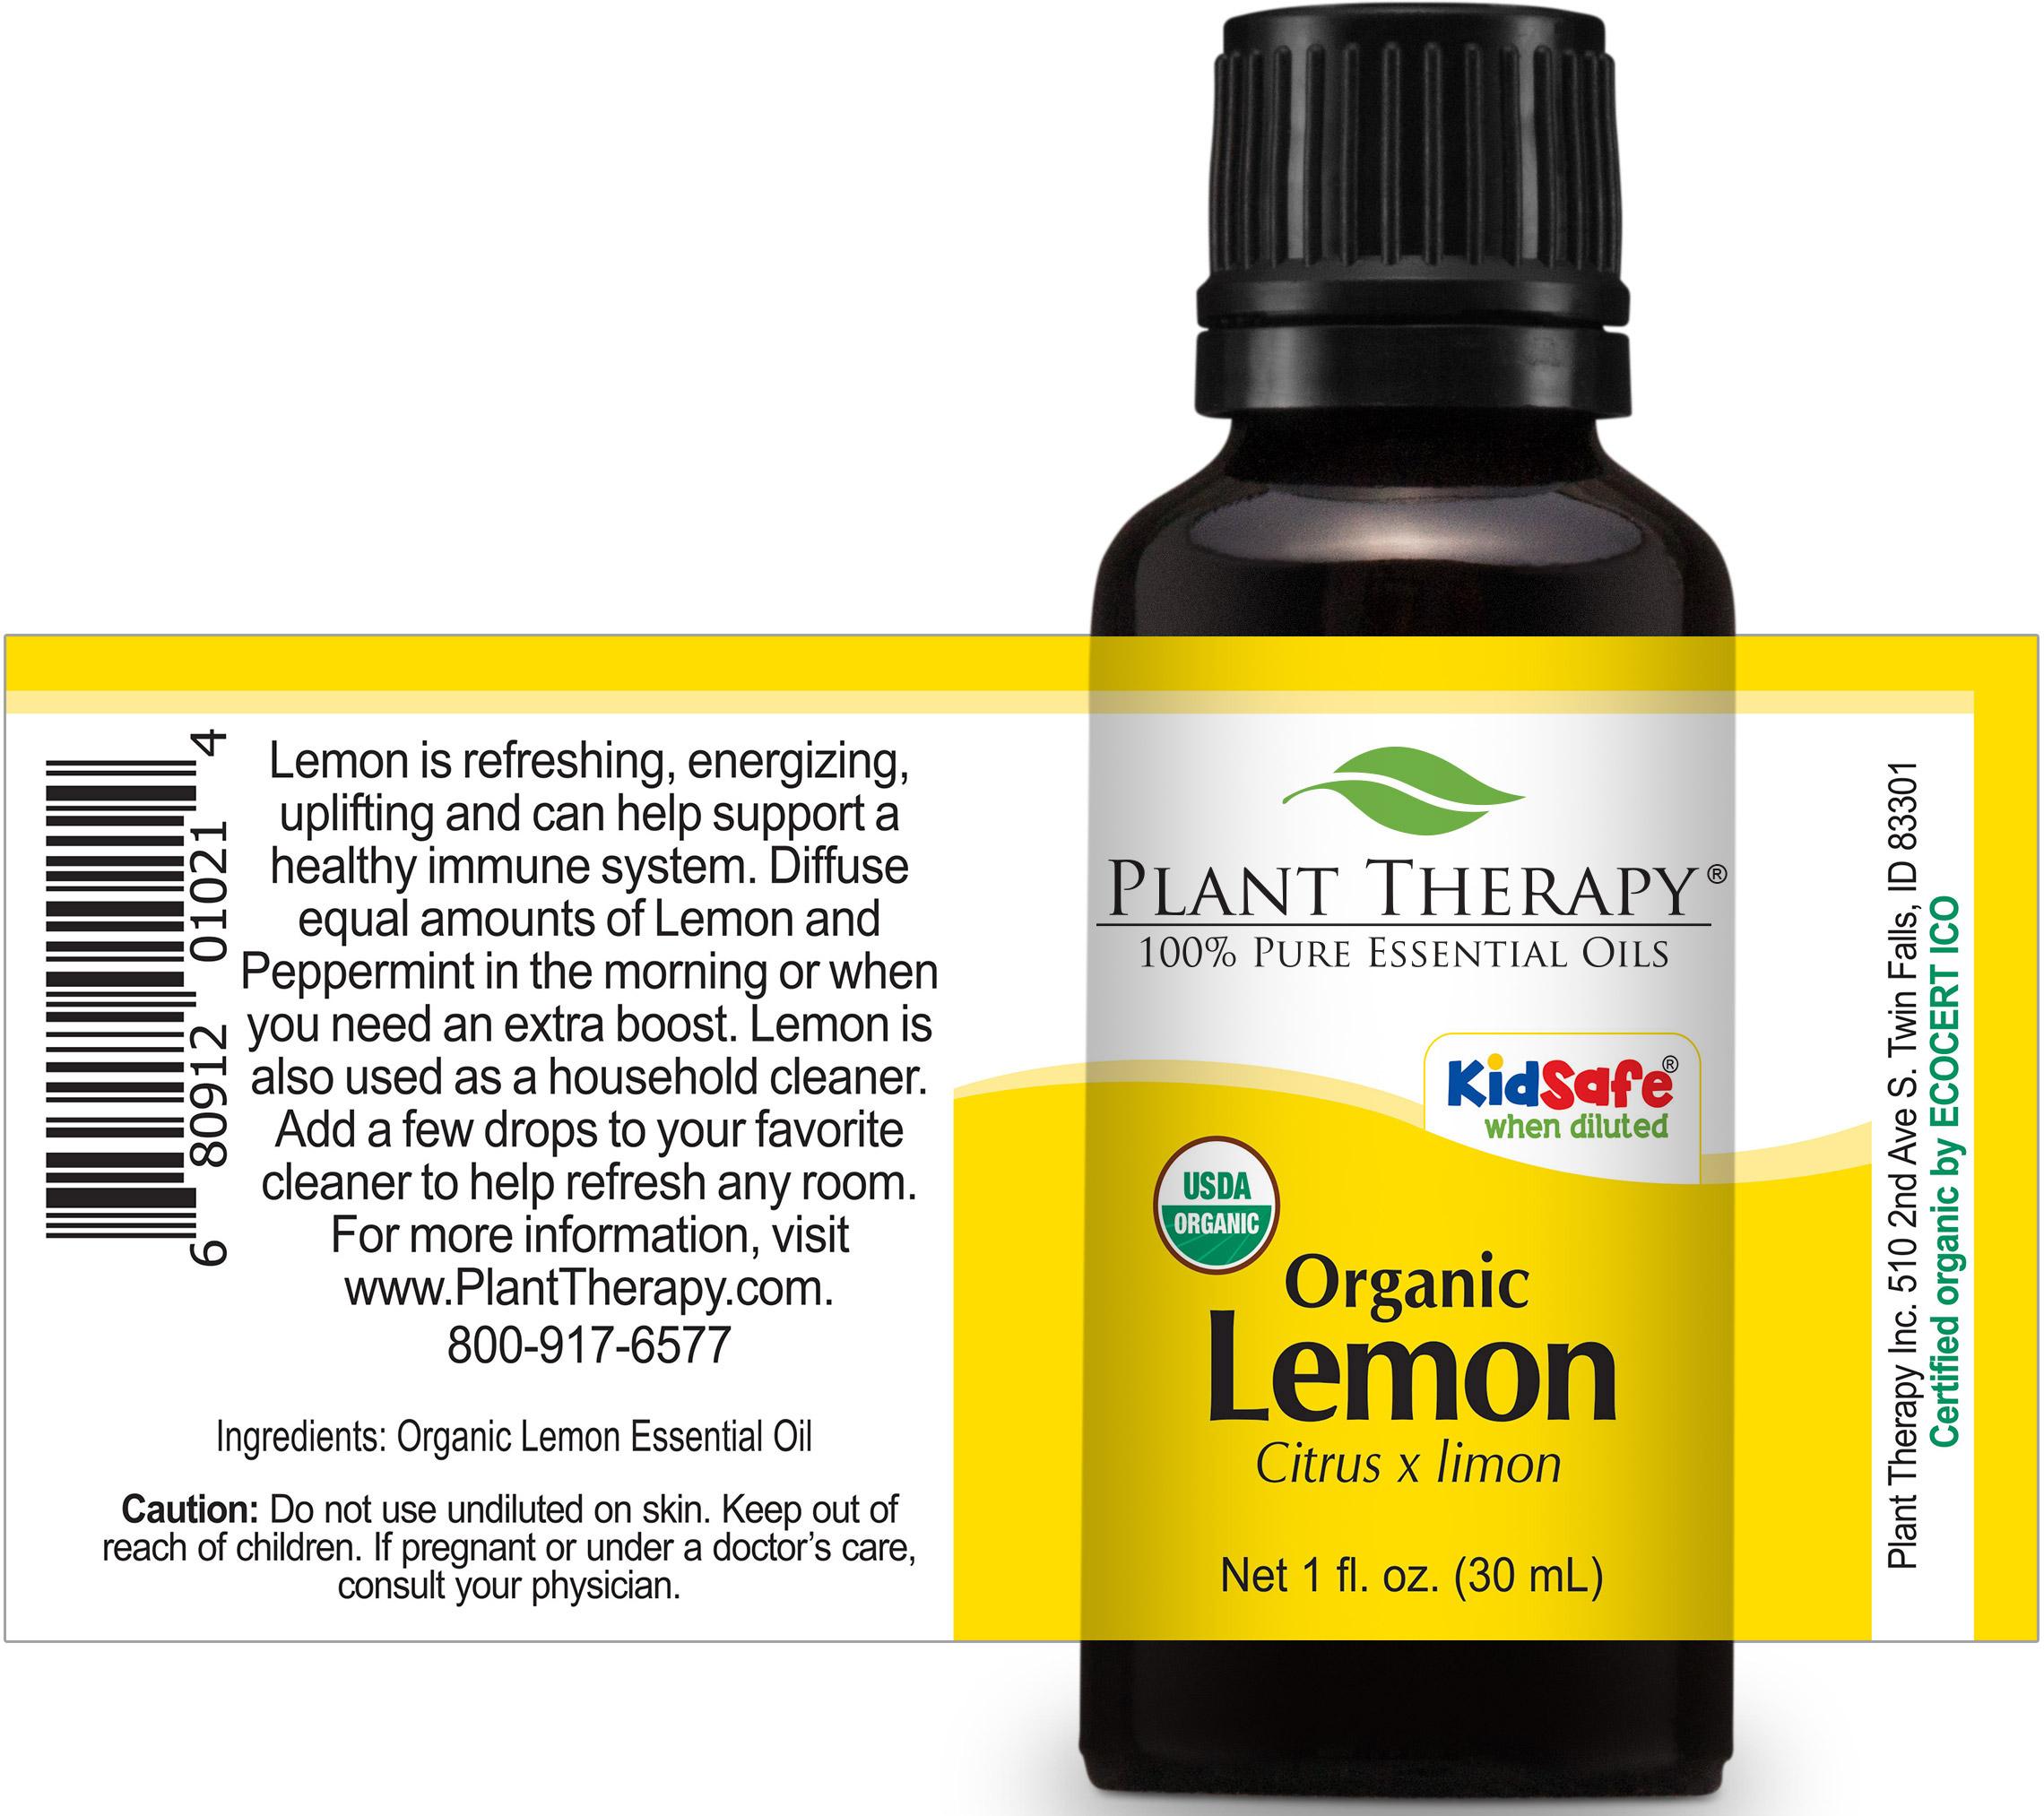 Natural Lemon Oil Cleaner